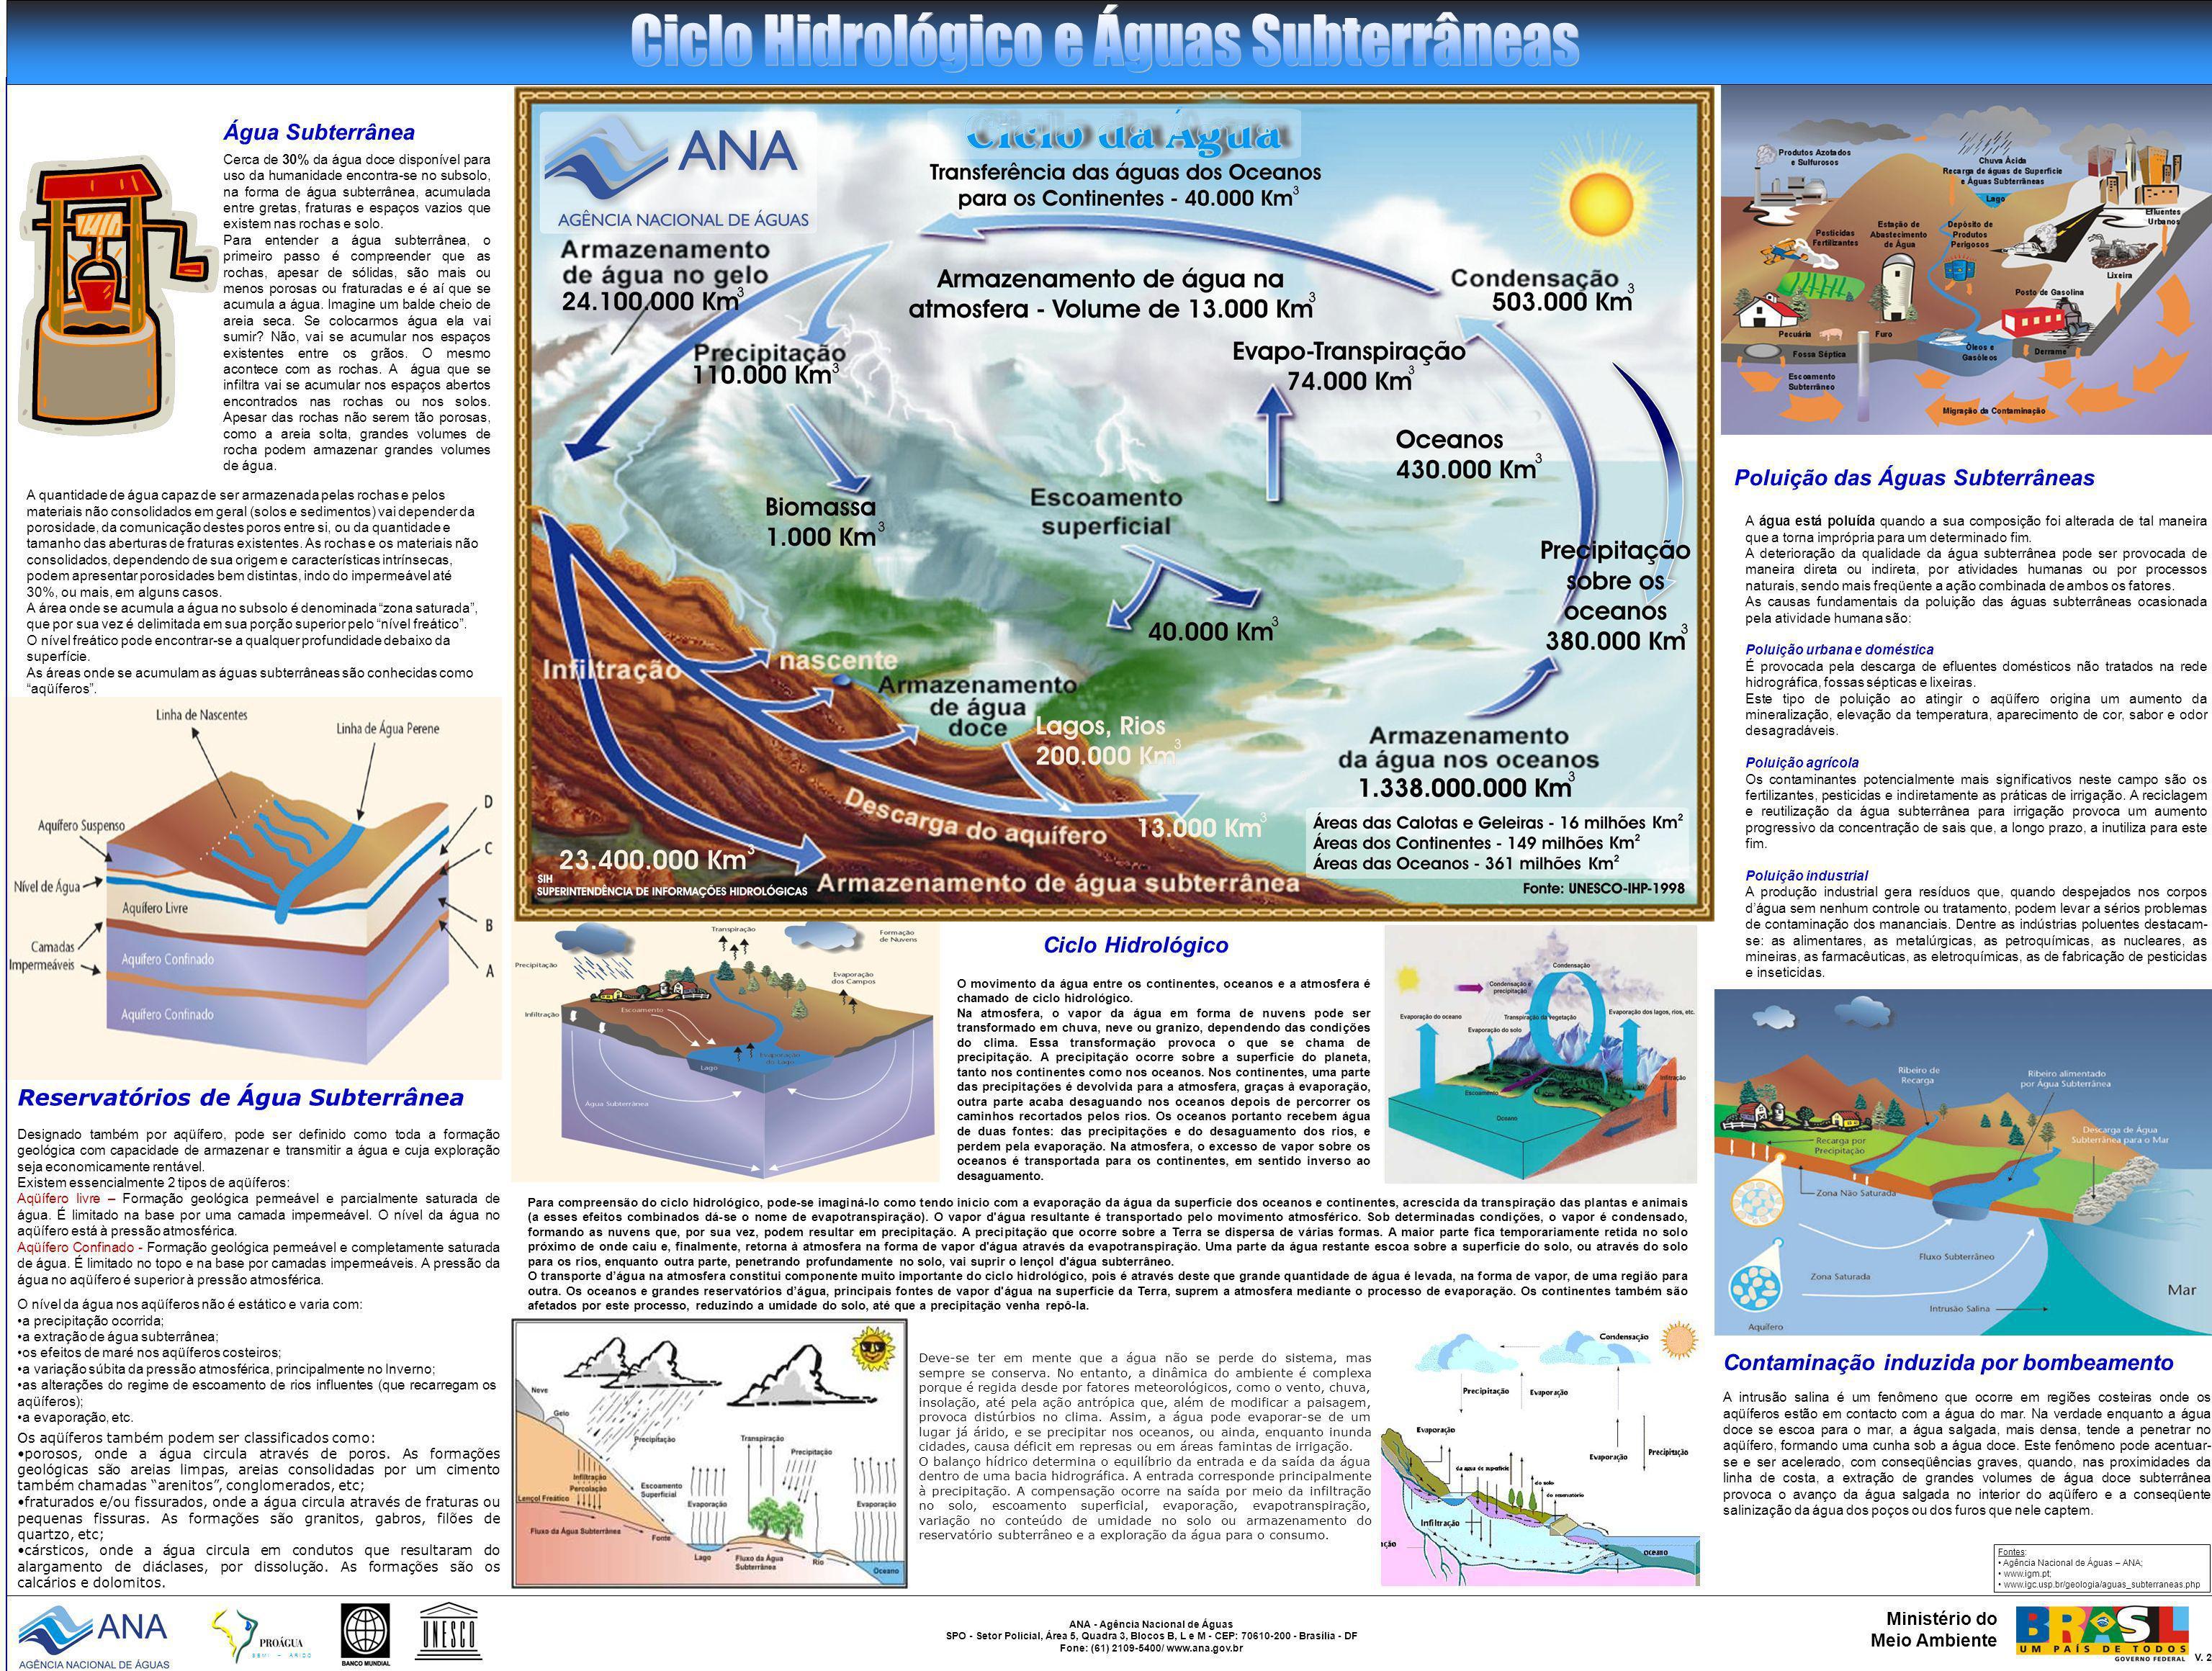 Para compreensão do ciclo hidrológico, pode-se imaginá-lo como tendo início com a evaporação da água da superfície dos oceanos e continentes, acrescid